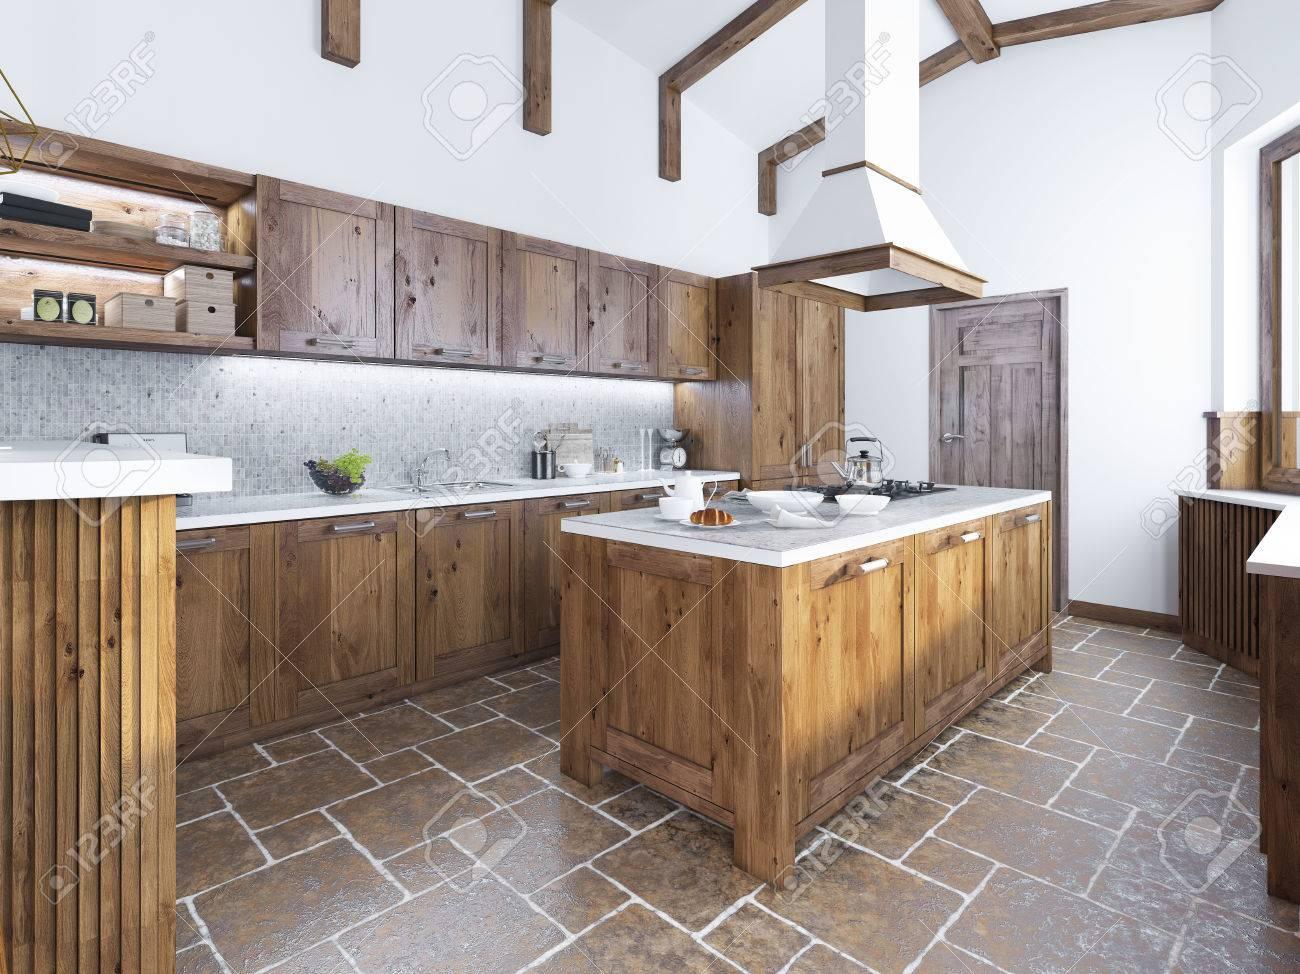 Moderne Küche Im Loft-Stil. Kücheninsel Mit Einer Kapuze über Sie ...